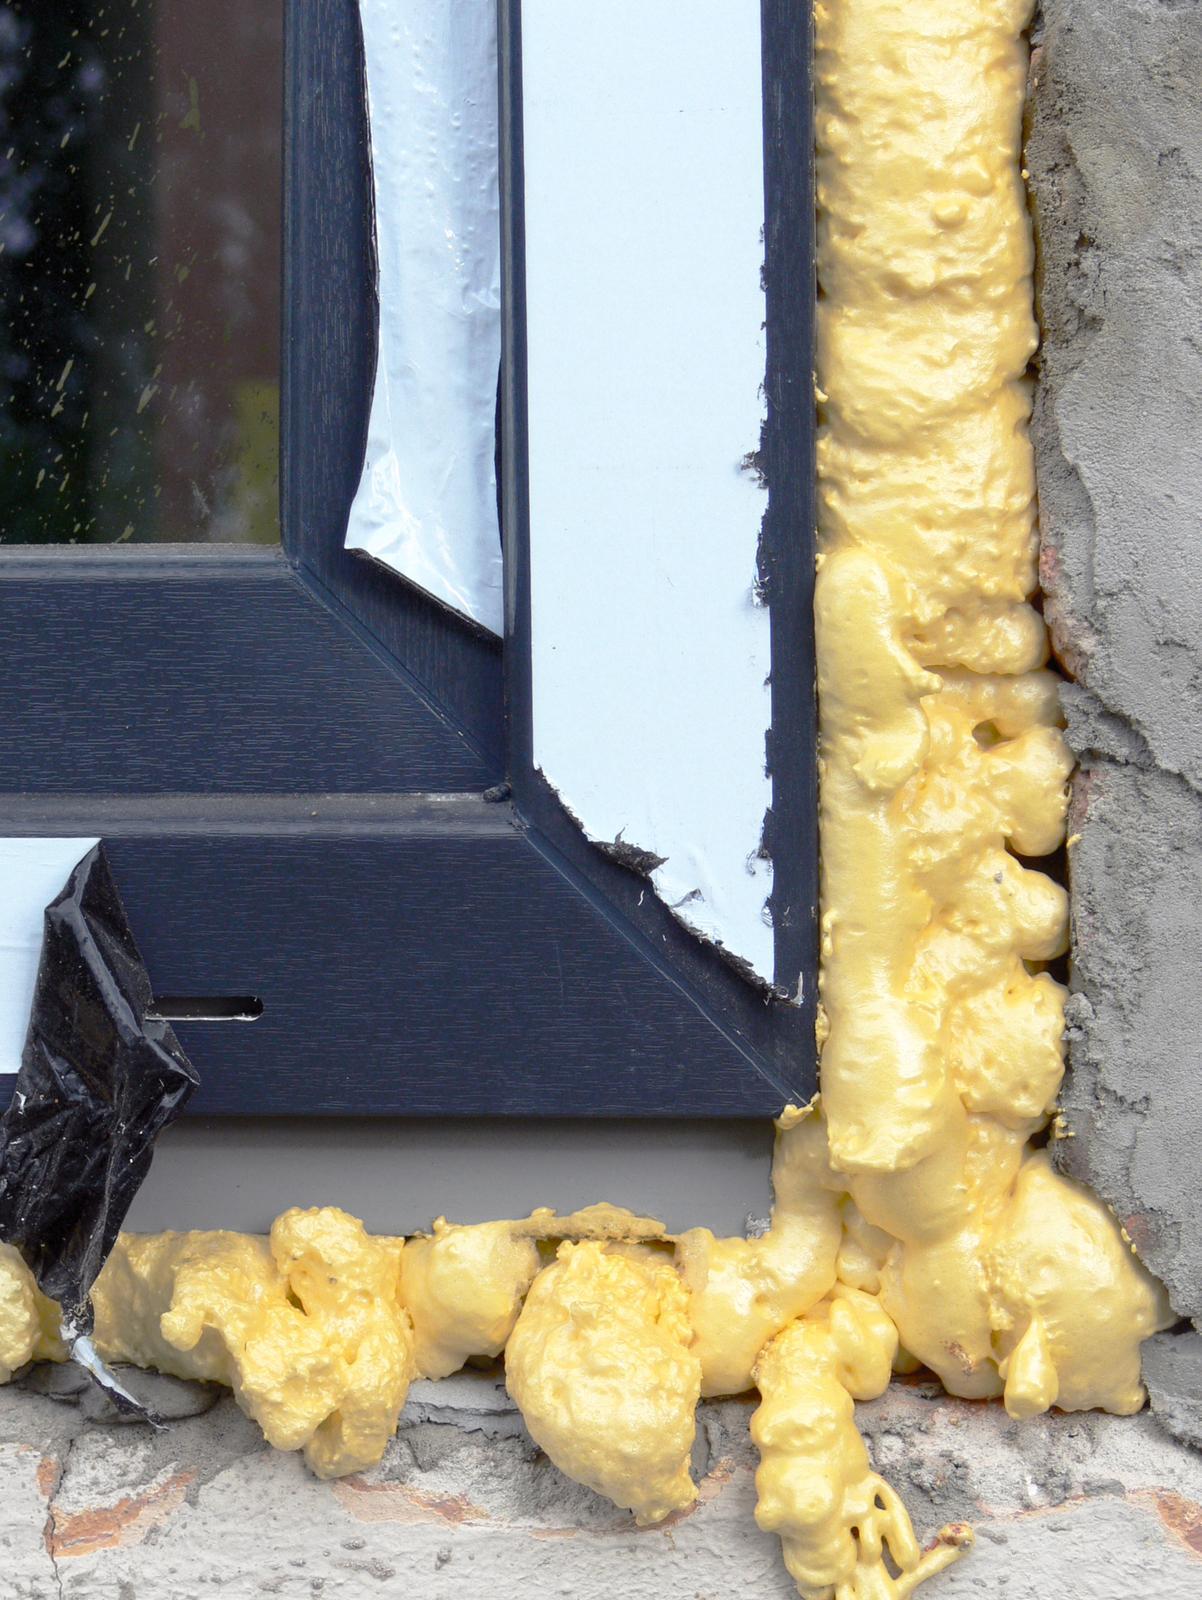 V zelenom dome - pôvodne sme plánovali že okná budú v odtieni akože drevo...ale keďže je to plast, nech vyzerá ako plast....sivé ako strecha